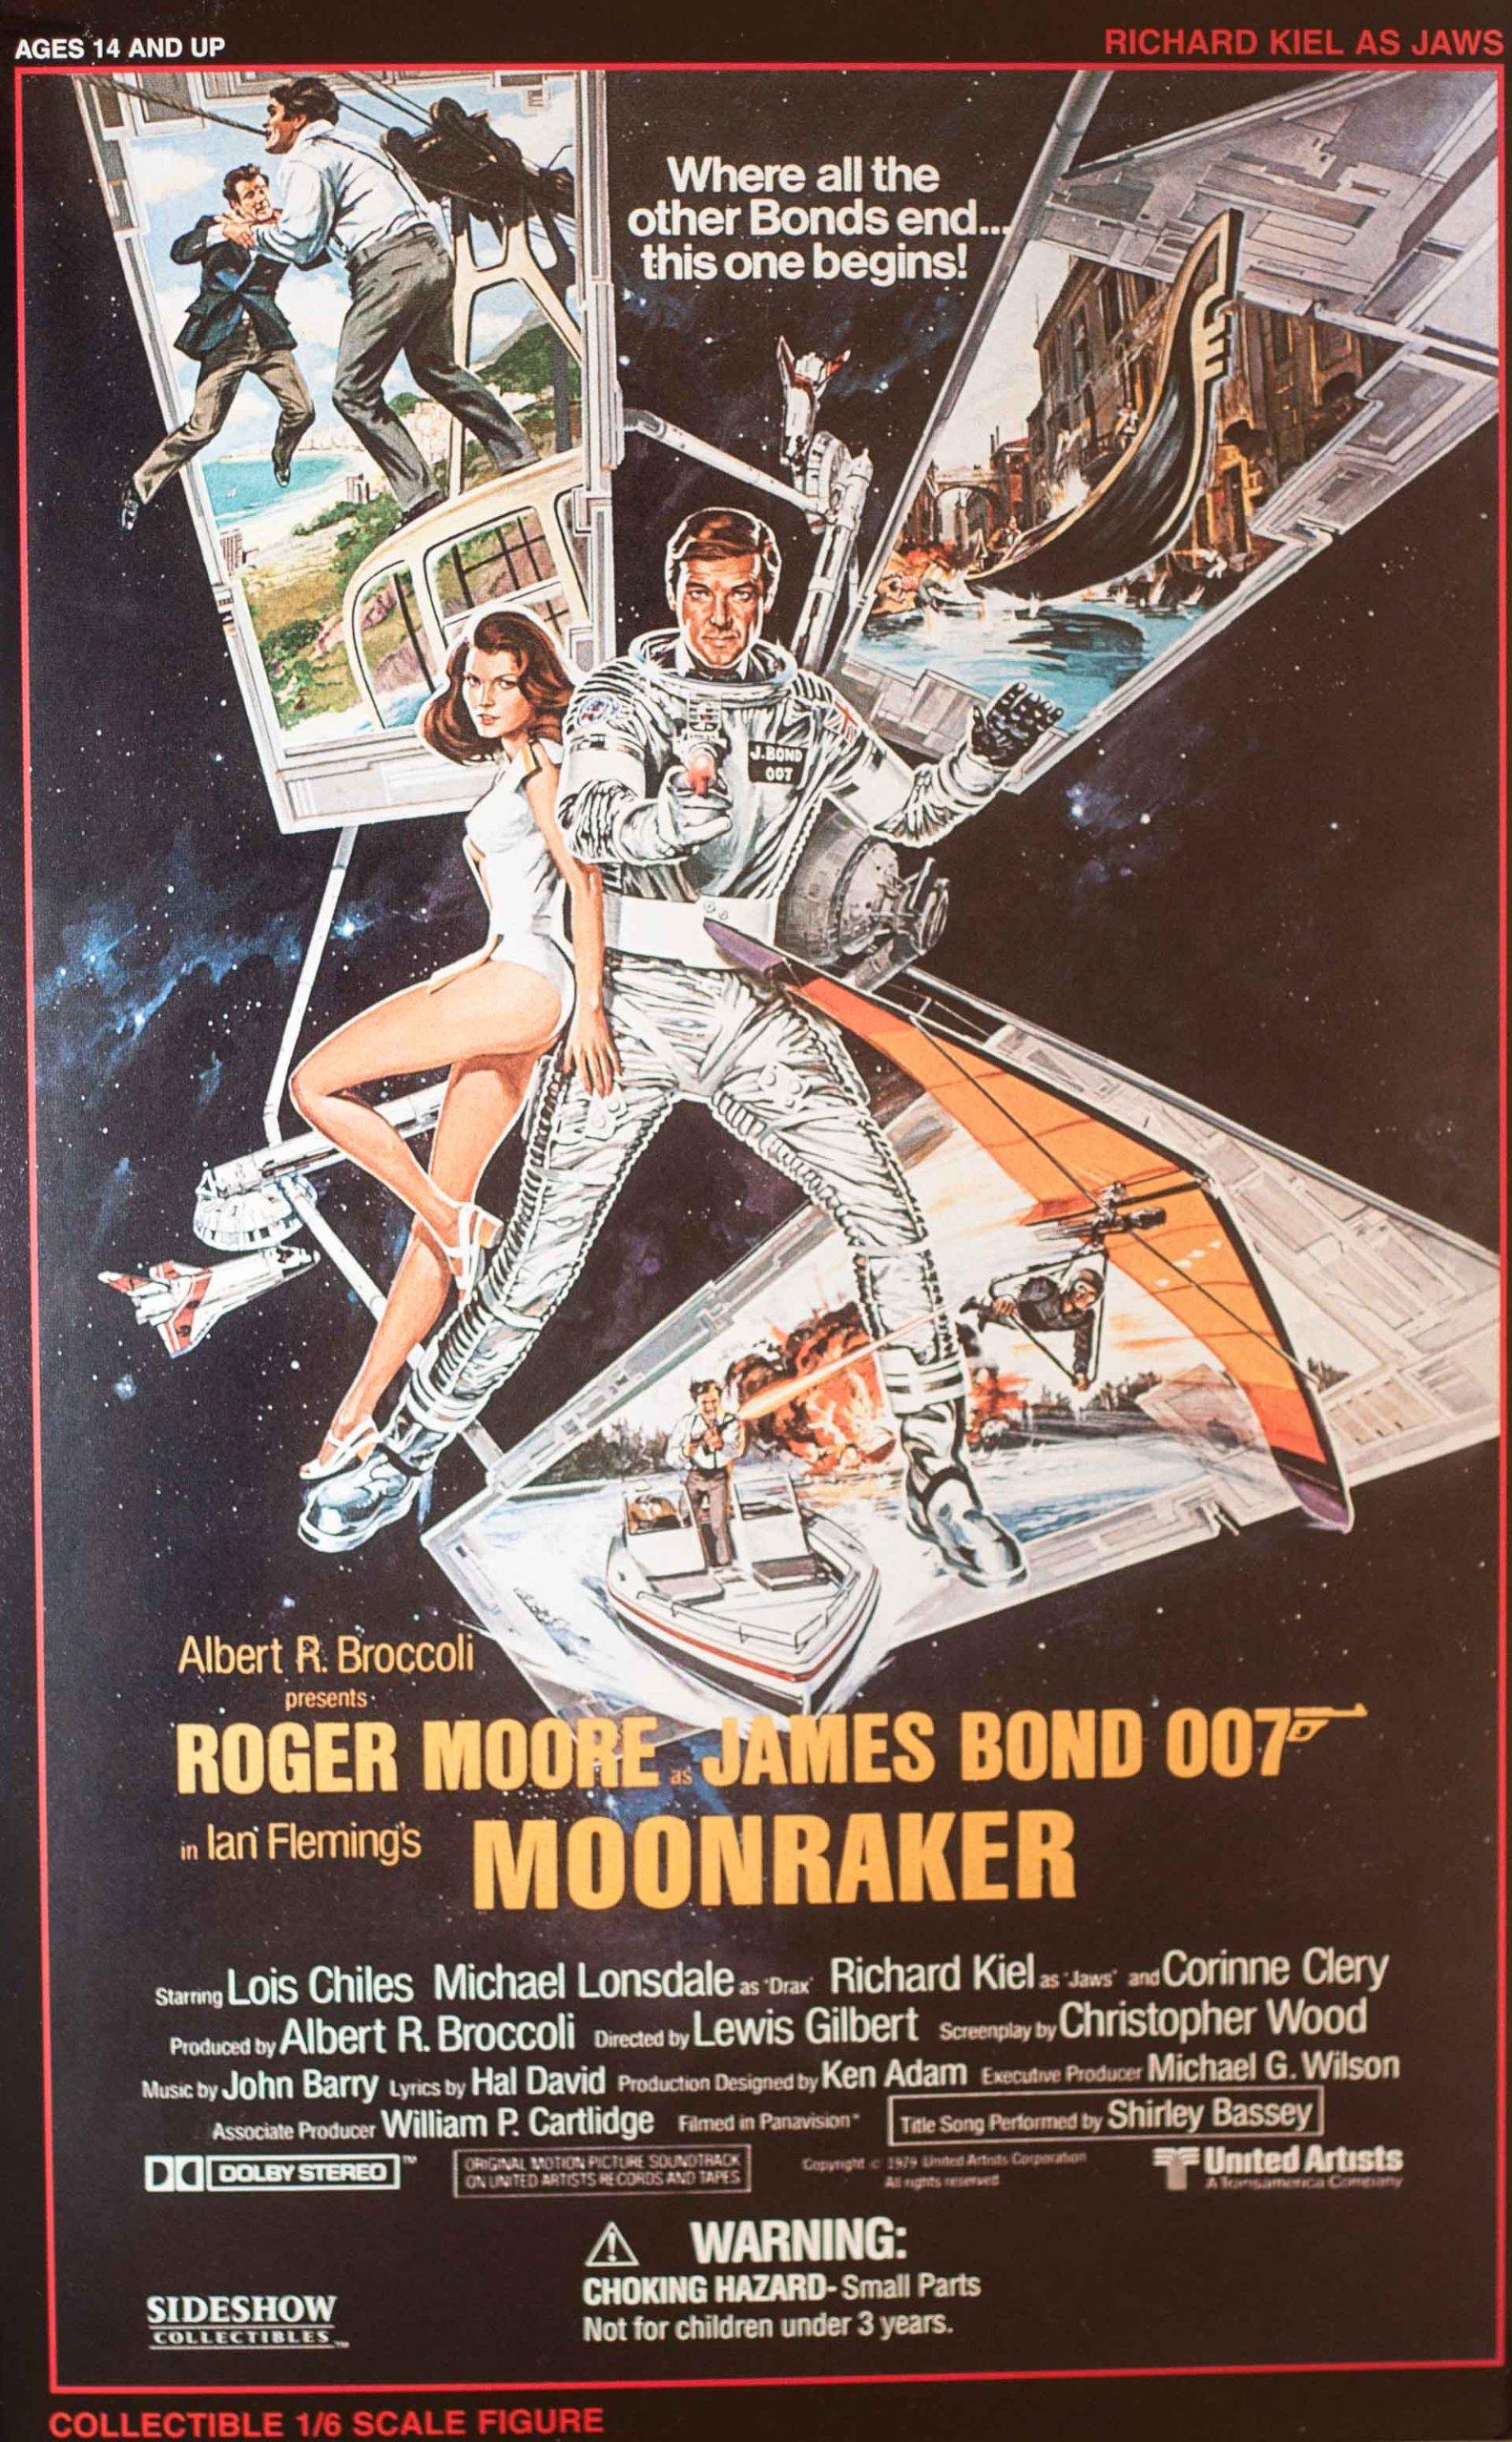 Sideshow Jaws Moonraker Richard Kiel 7 Foot Tall Villain James Bond 007